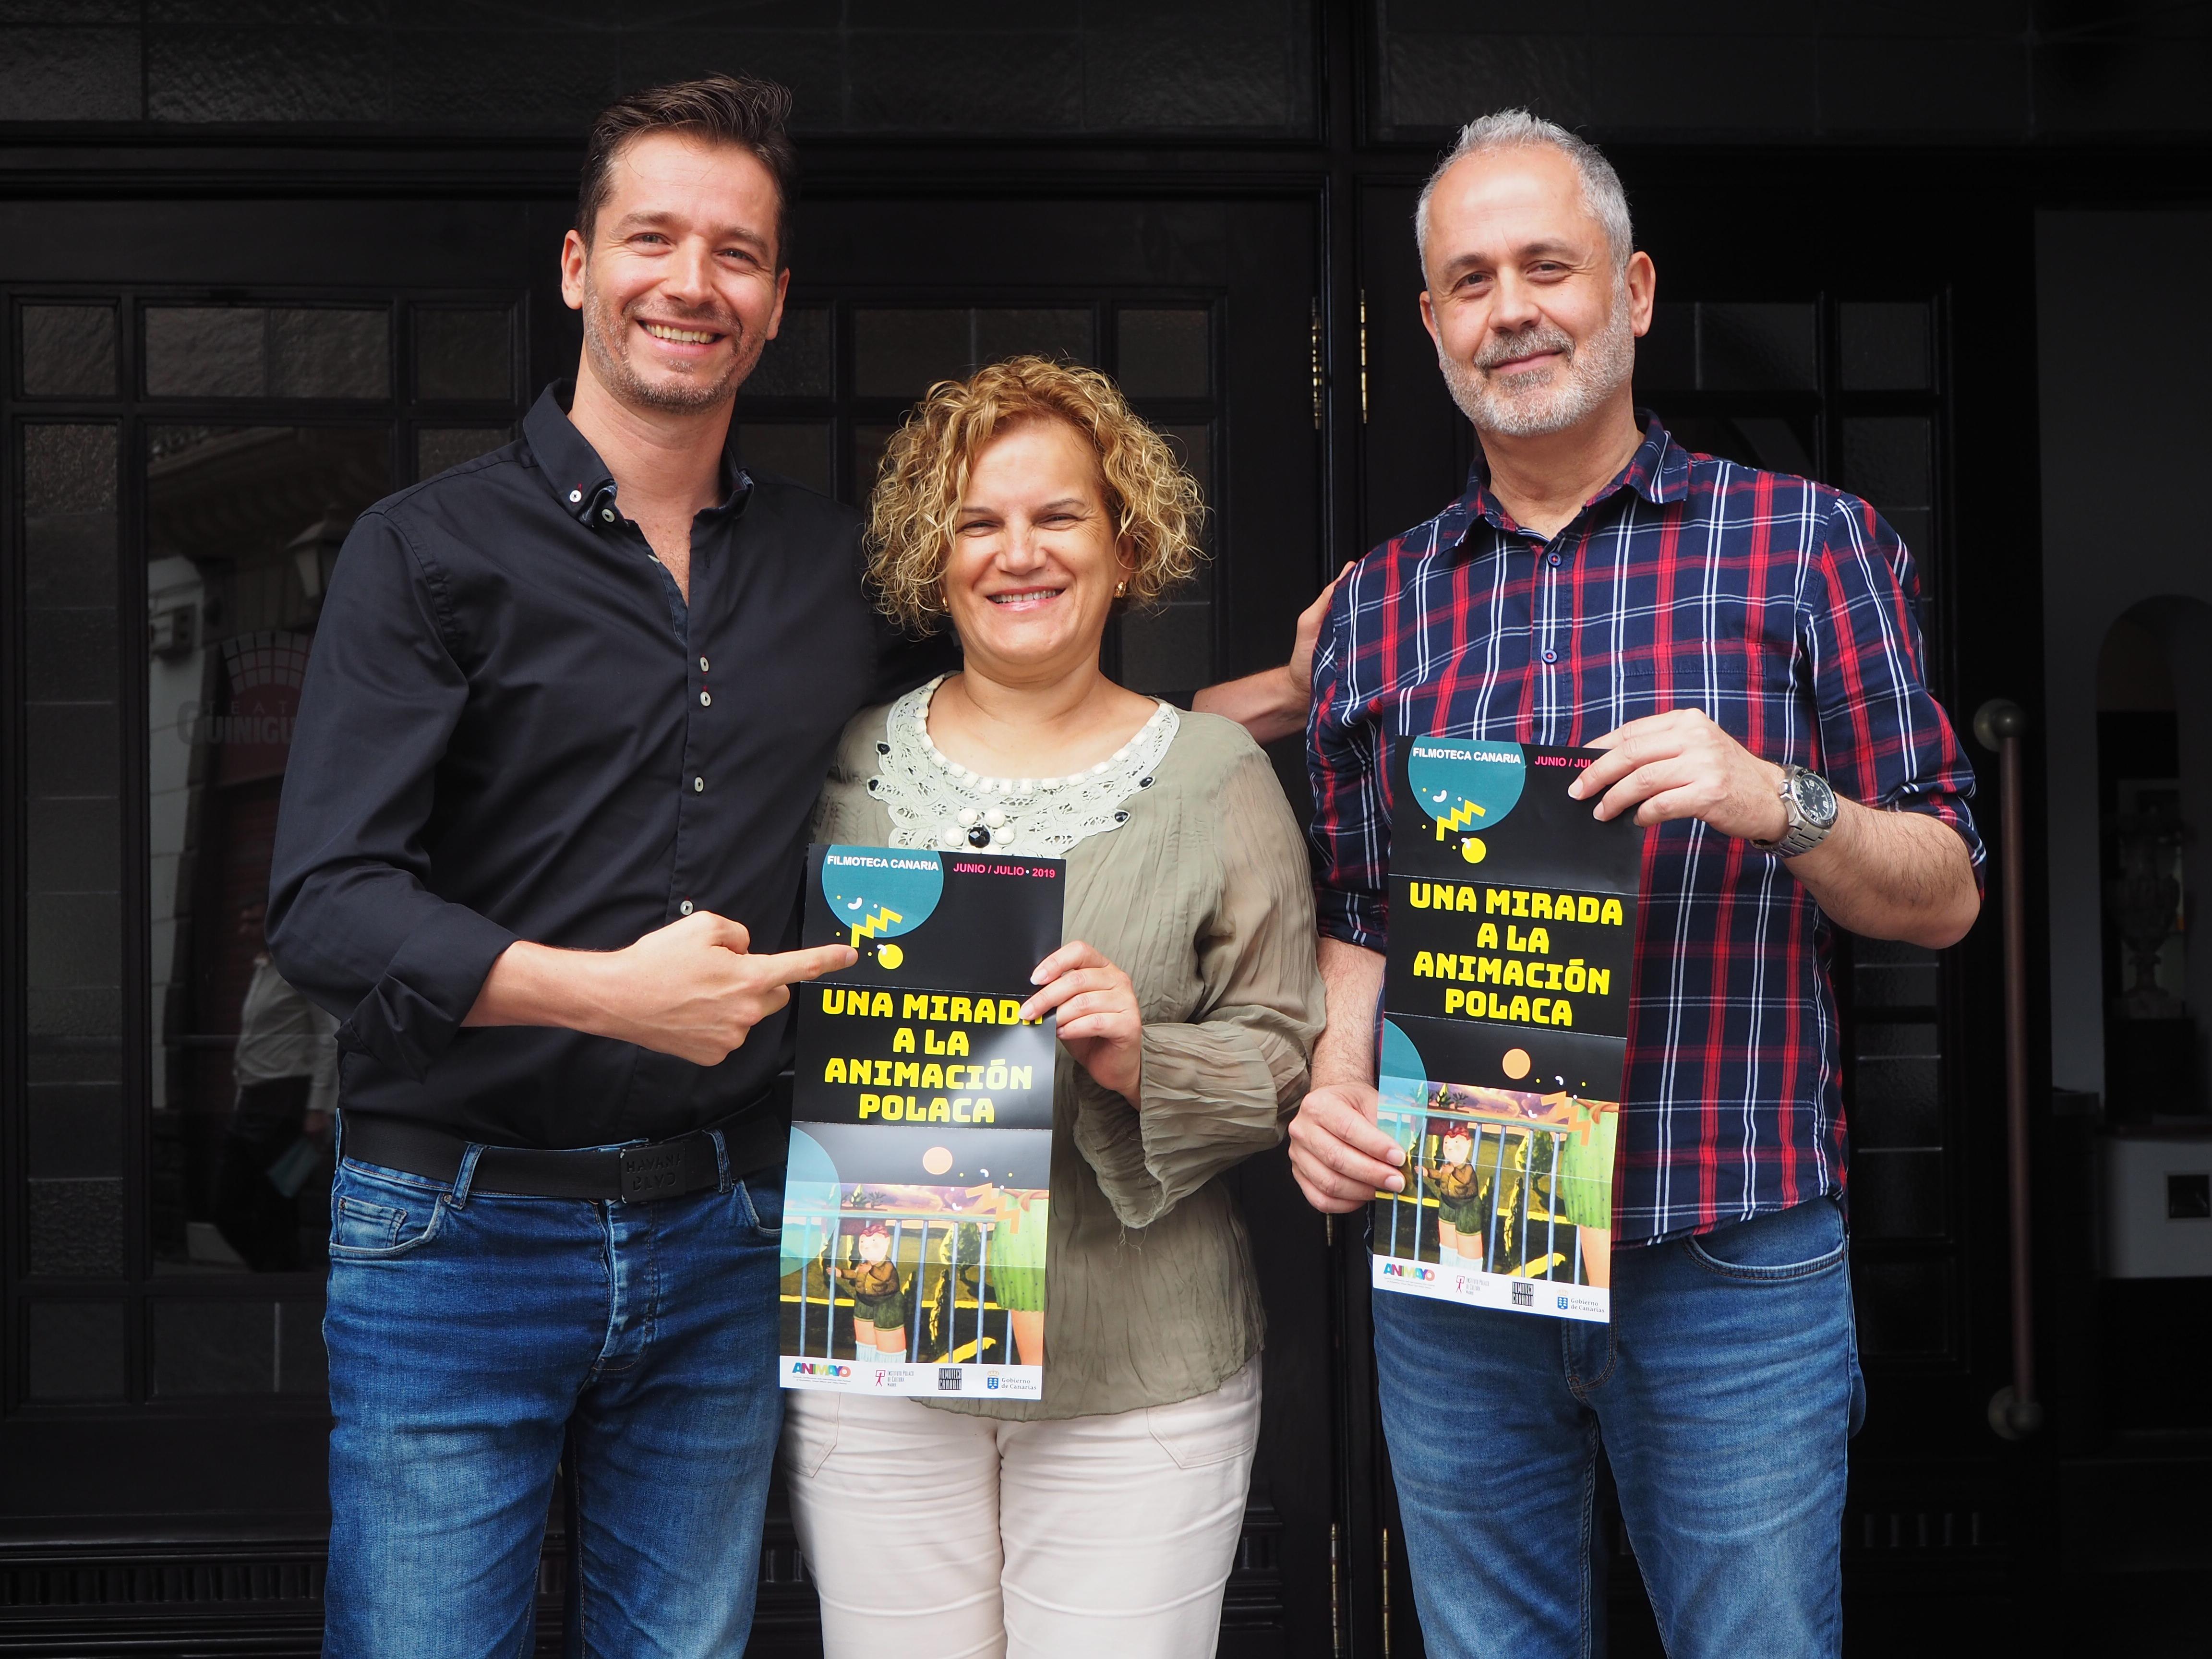 La Filmoteca Canaria presenta un nuevo ciclo sobre Polonia